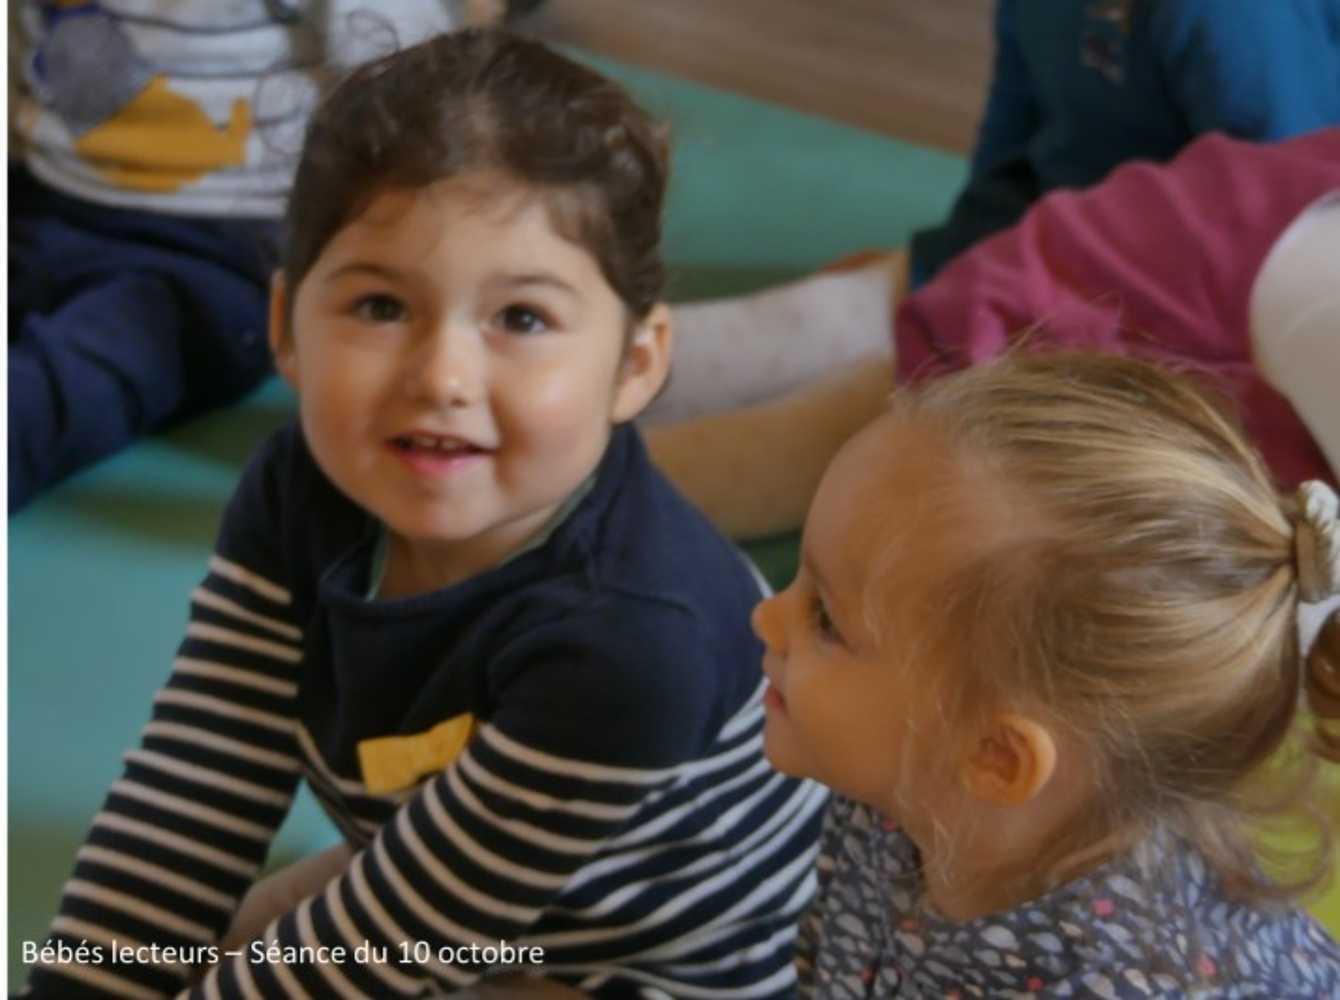 Bébés lecteurs : photos de la séance du jeudi 10 octobre image4